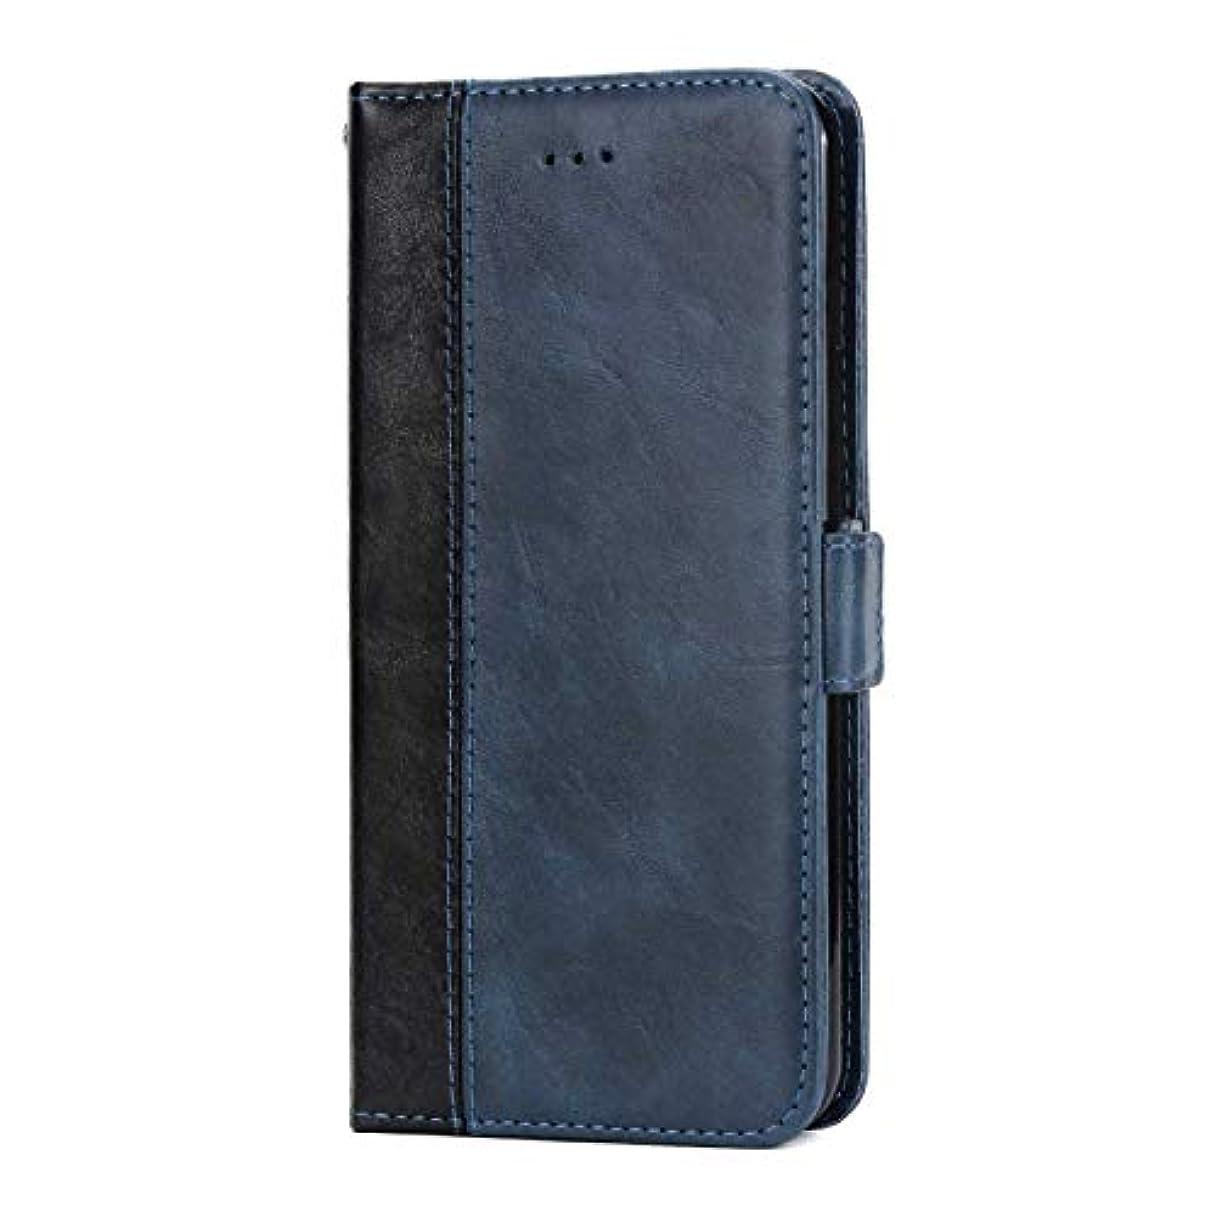 半島ホップ超えるOMATENTI Huawei P20 Pro 手帳ケース マグネット式 カバー Huawei P20 Pro 高級PUレザー カードポケット スタンド機能 薄型 スマホケース(3-ブルー)